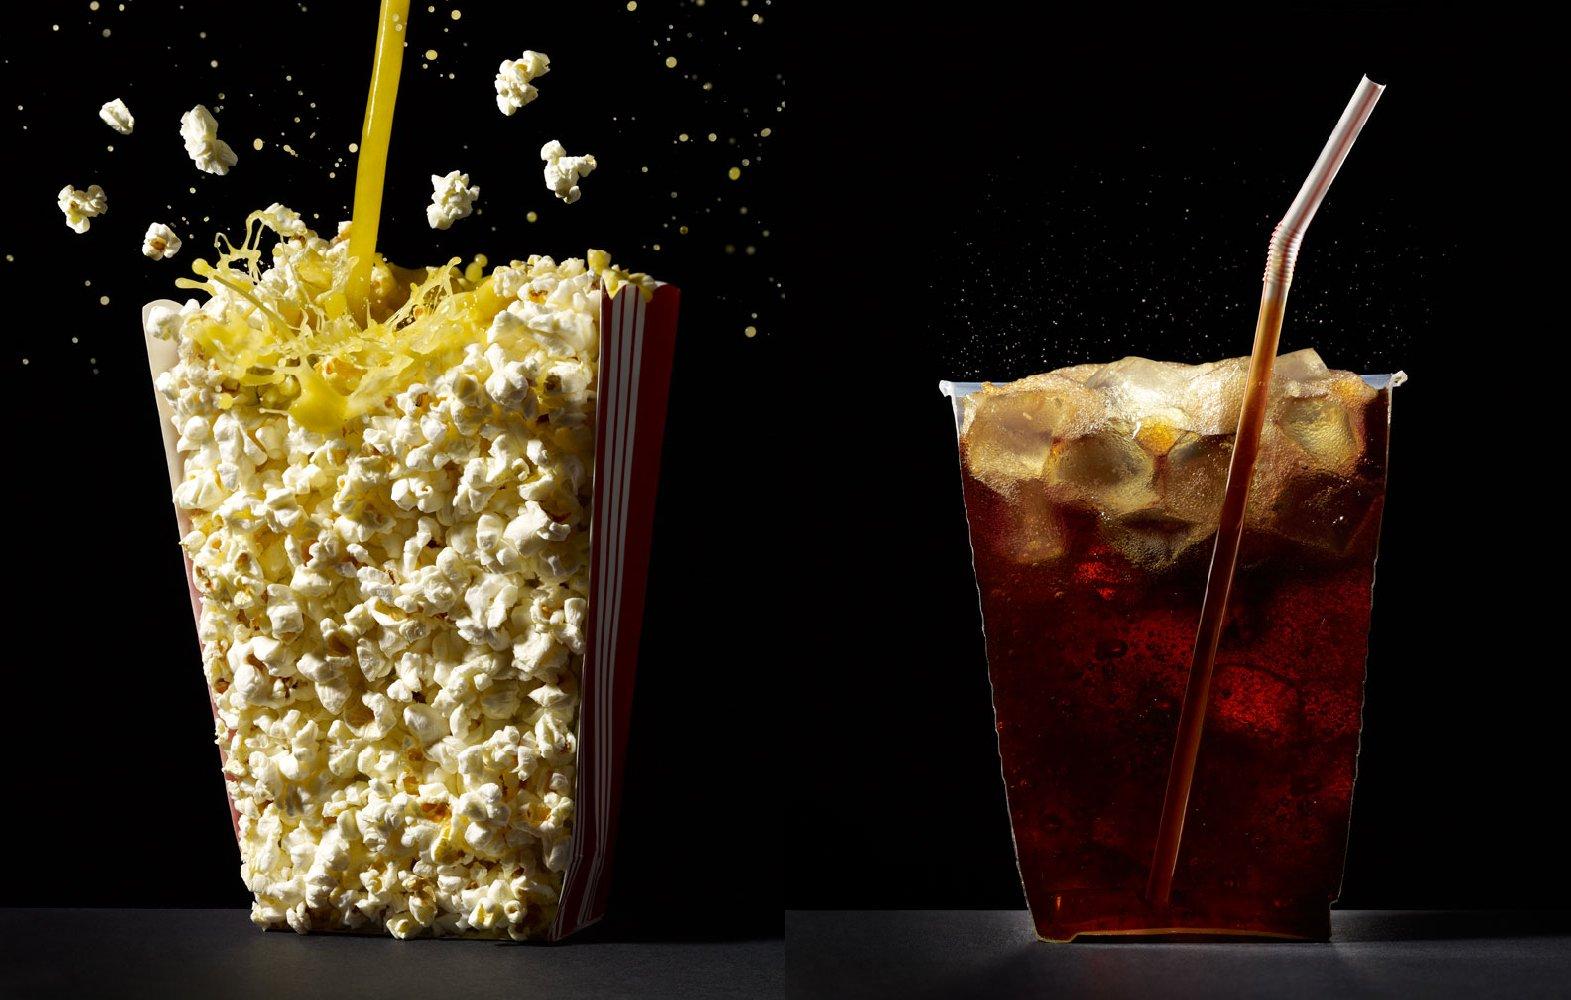 Popcorn and soda. Photo: Courtesy of Beth Galton